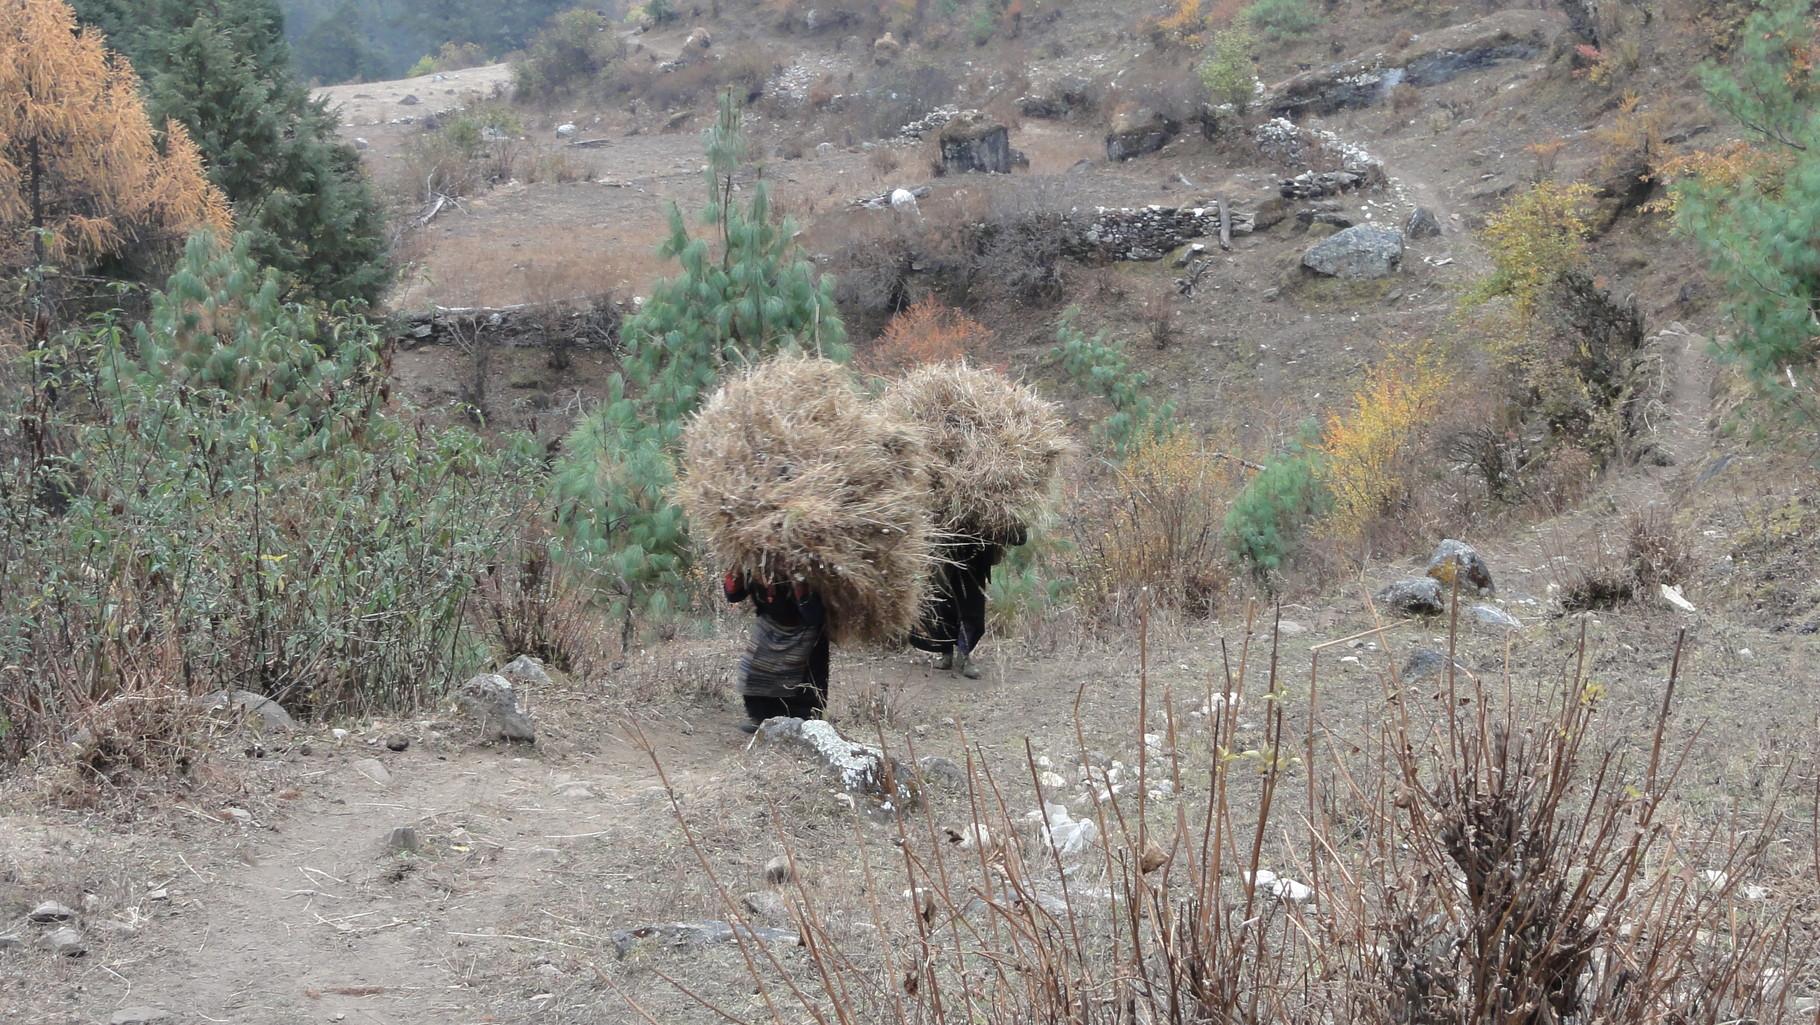 Staunen und Respekt vor der Kraft/Geschicklichkeit der Nepalis erfahren